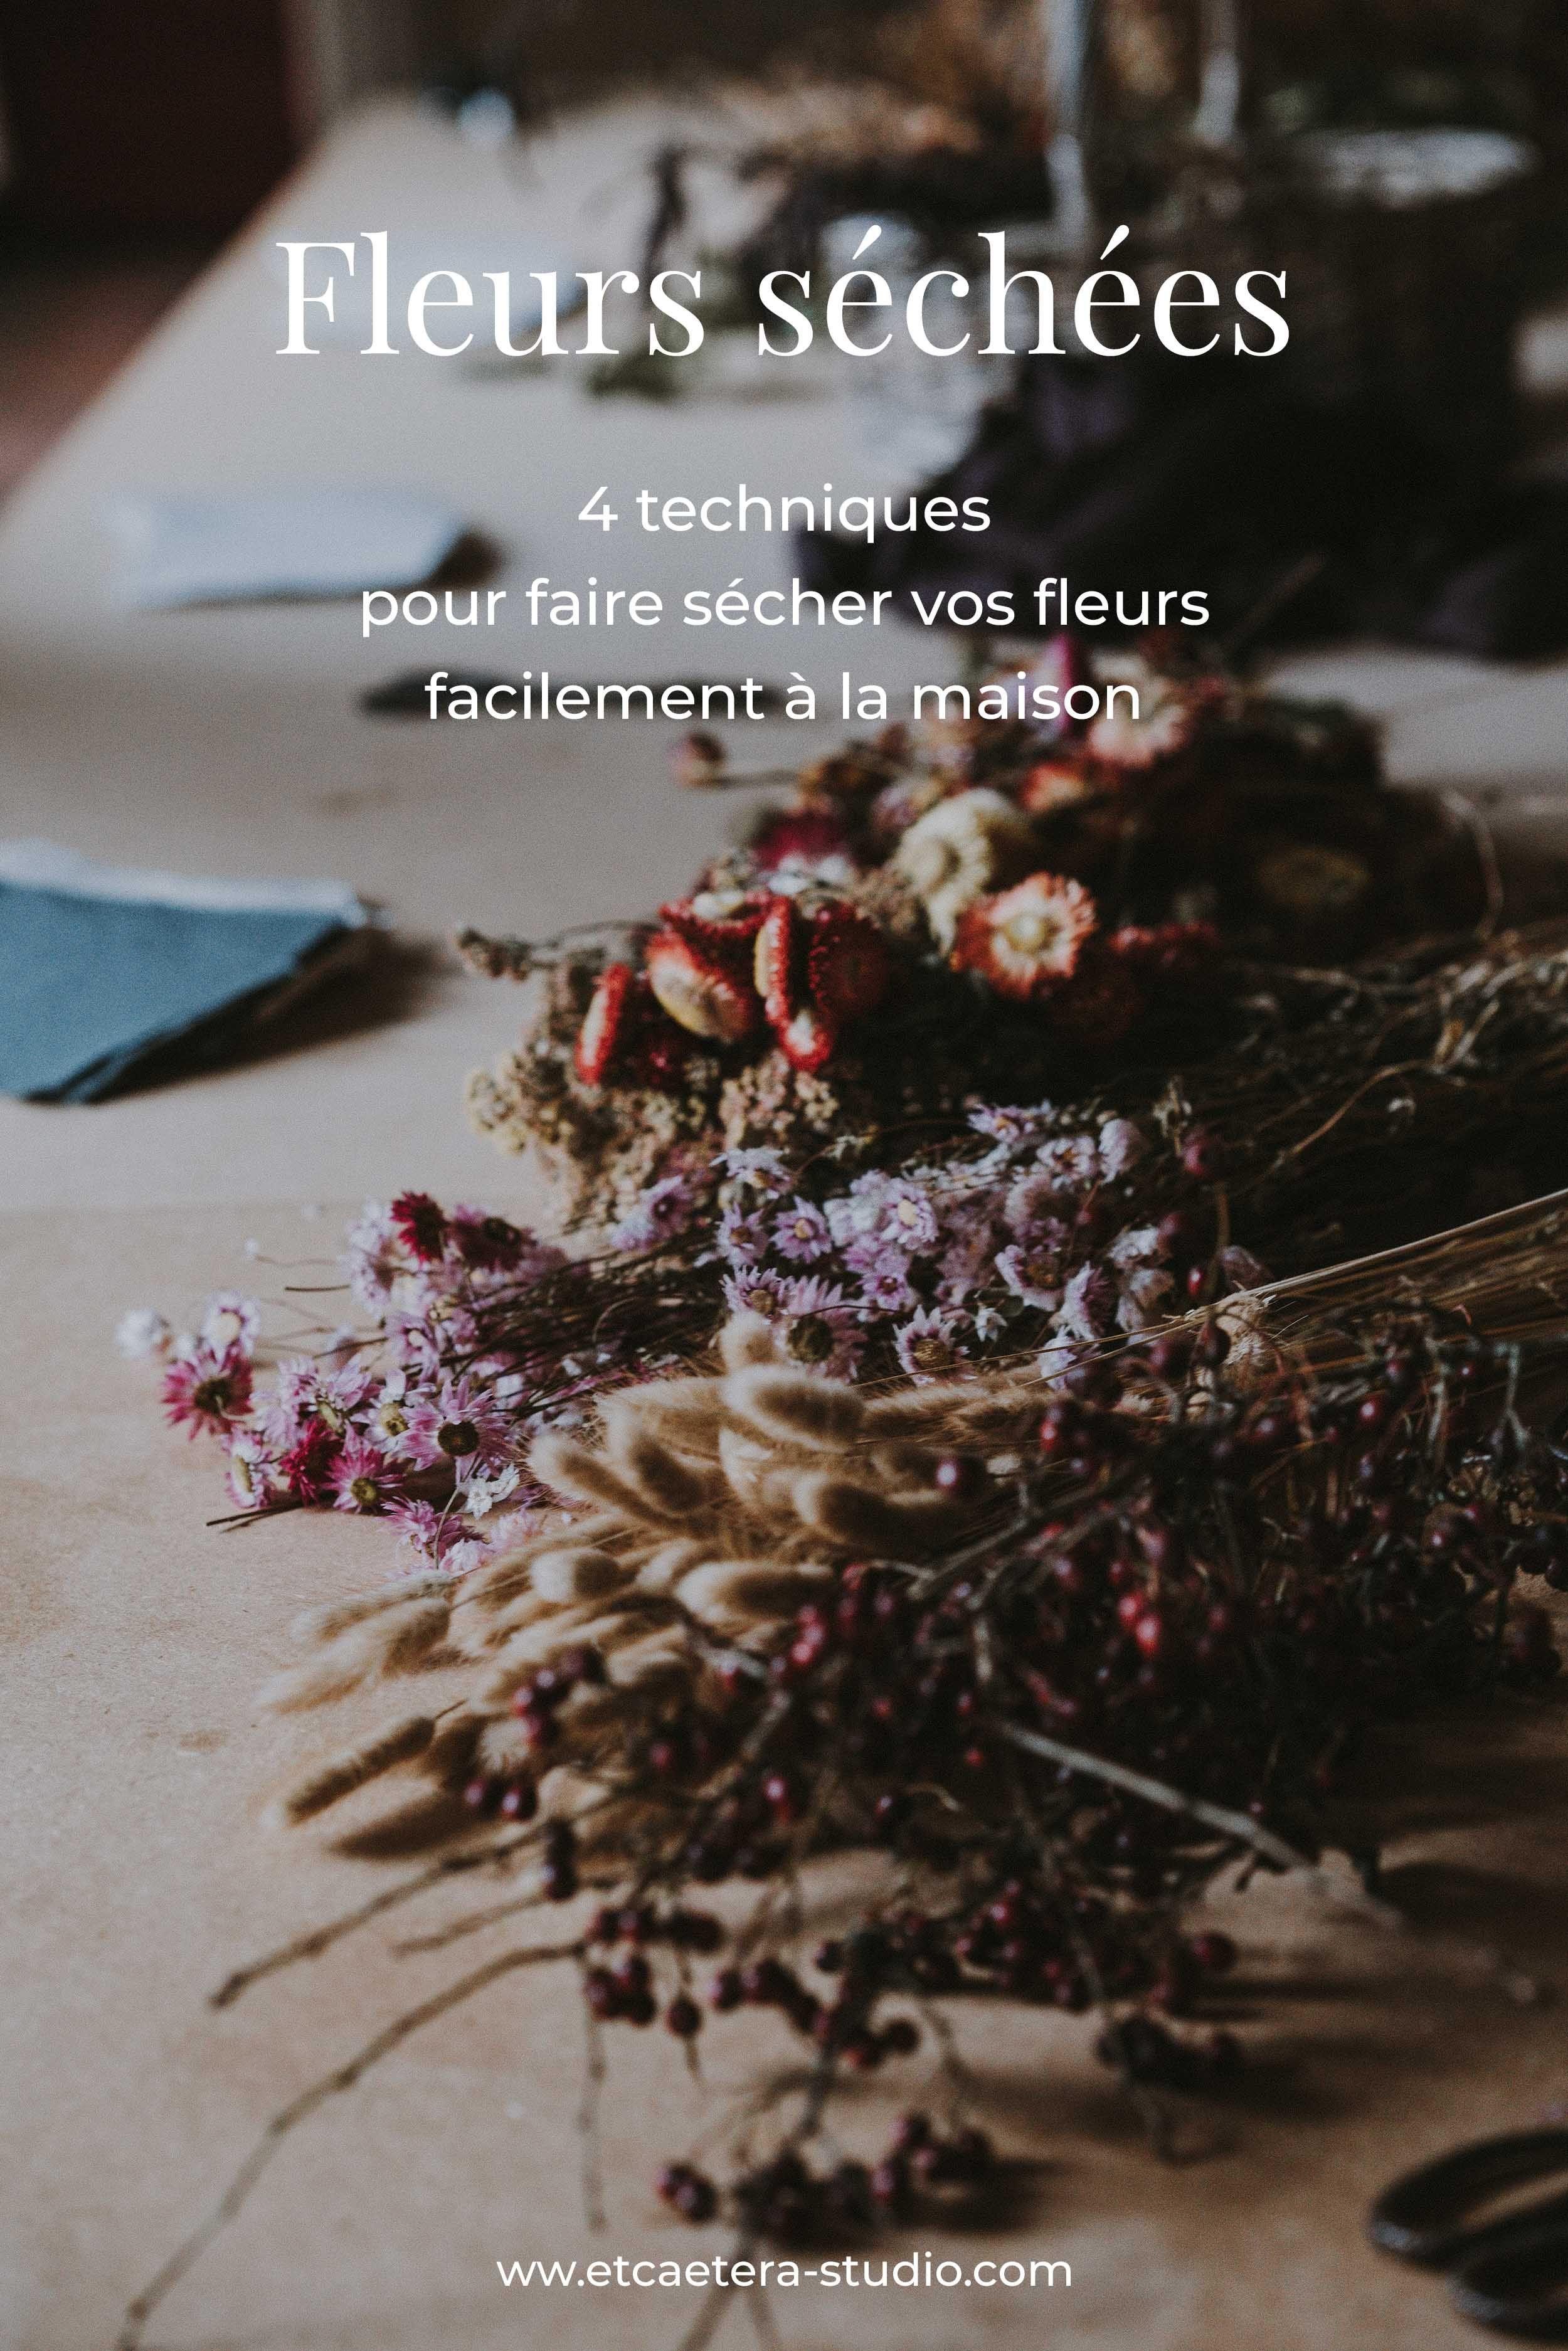 Comment Faire Secher Des Fleurs Et Caetera Studio Faire Secher Des Fleurs Fleurs Fleurs Sechees